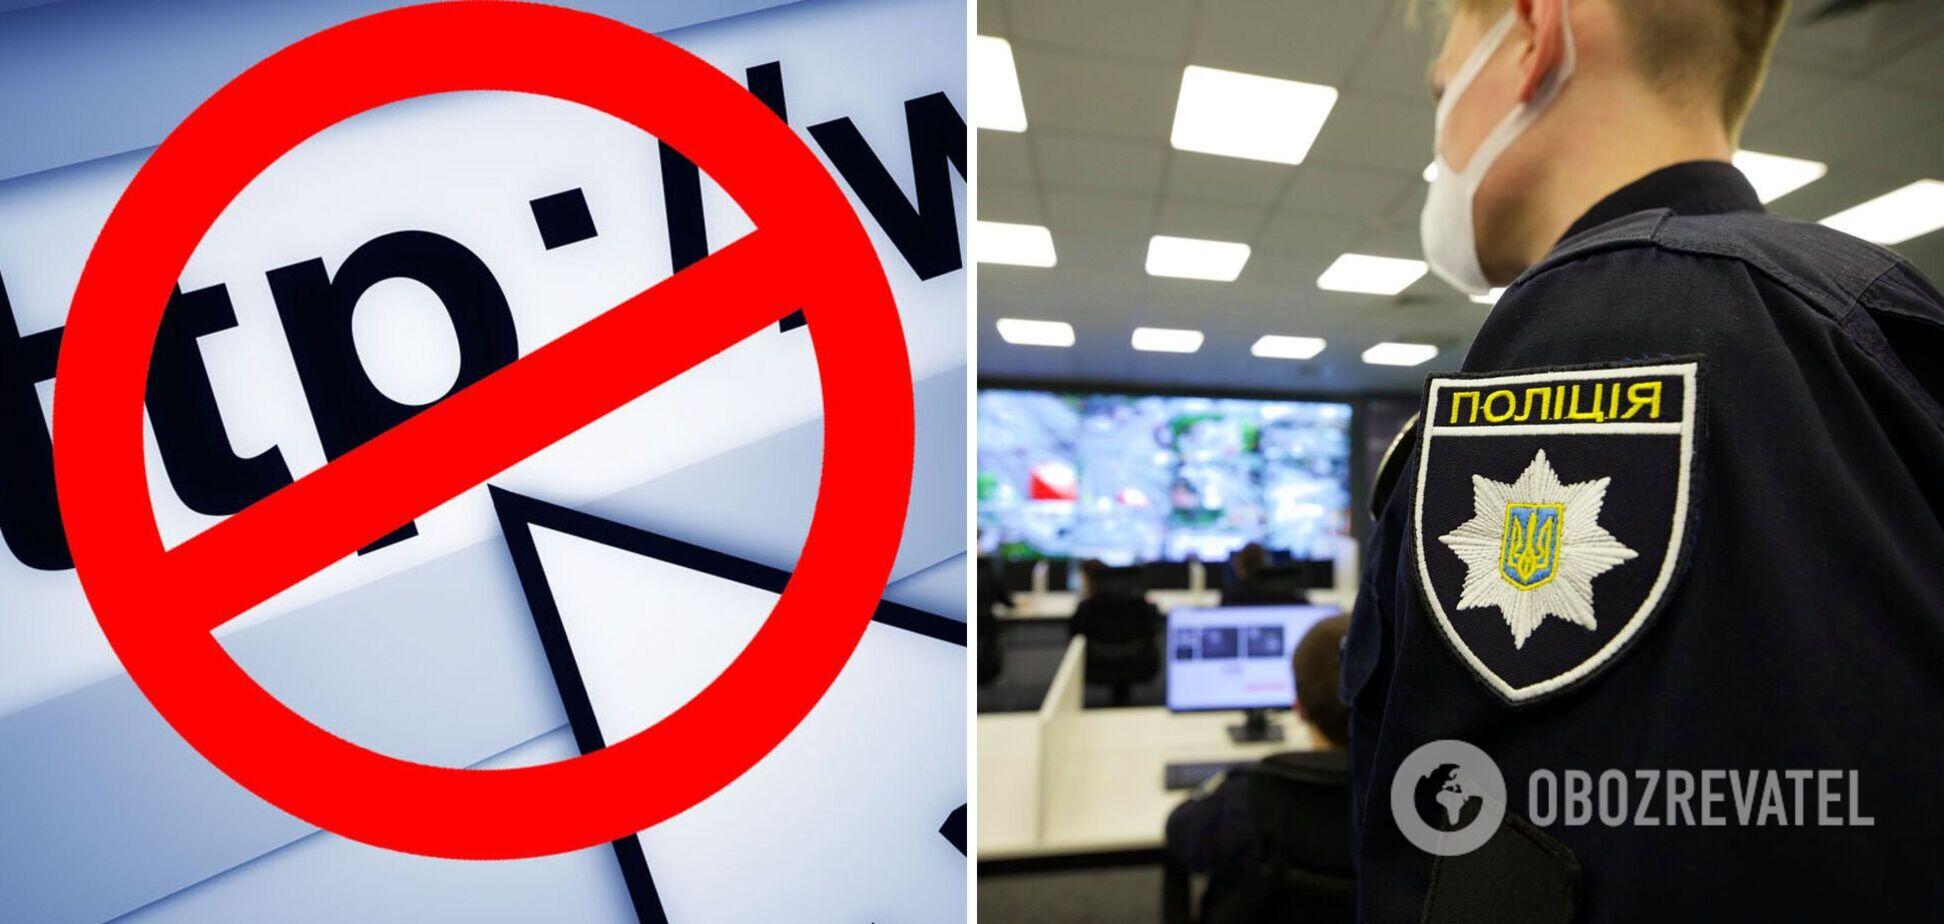 Блокировка более 400 сайтов в Украине: в МВД поставили точку в деле